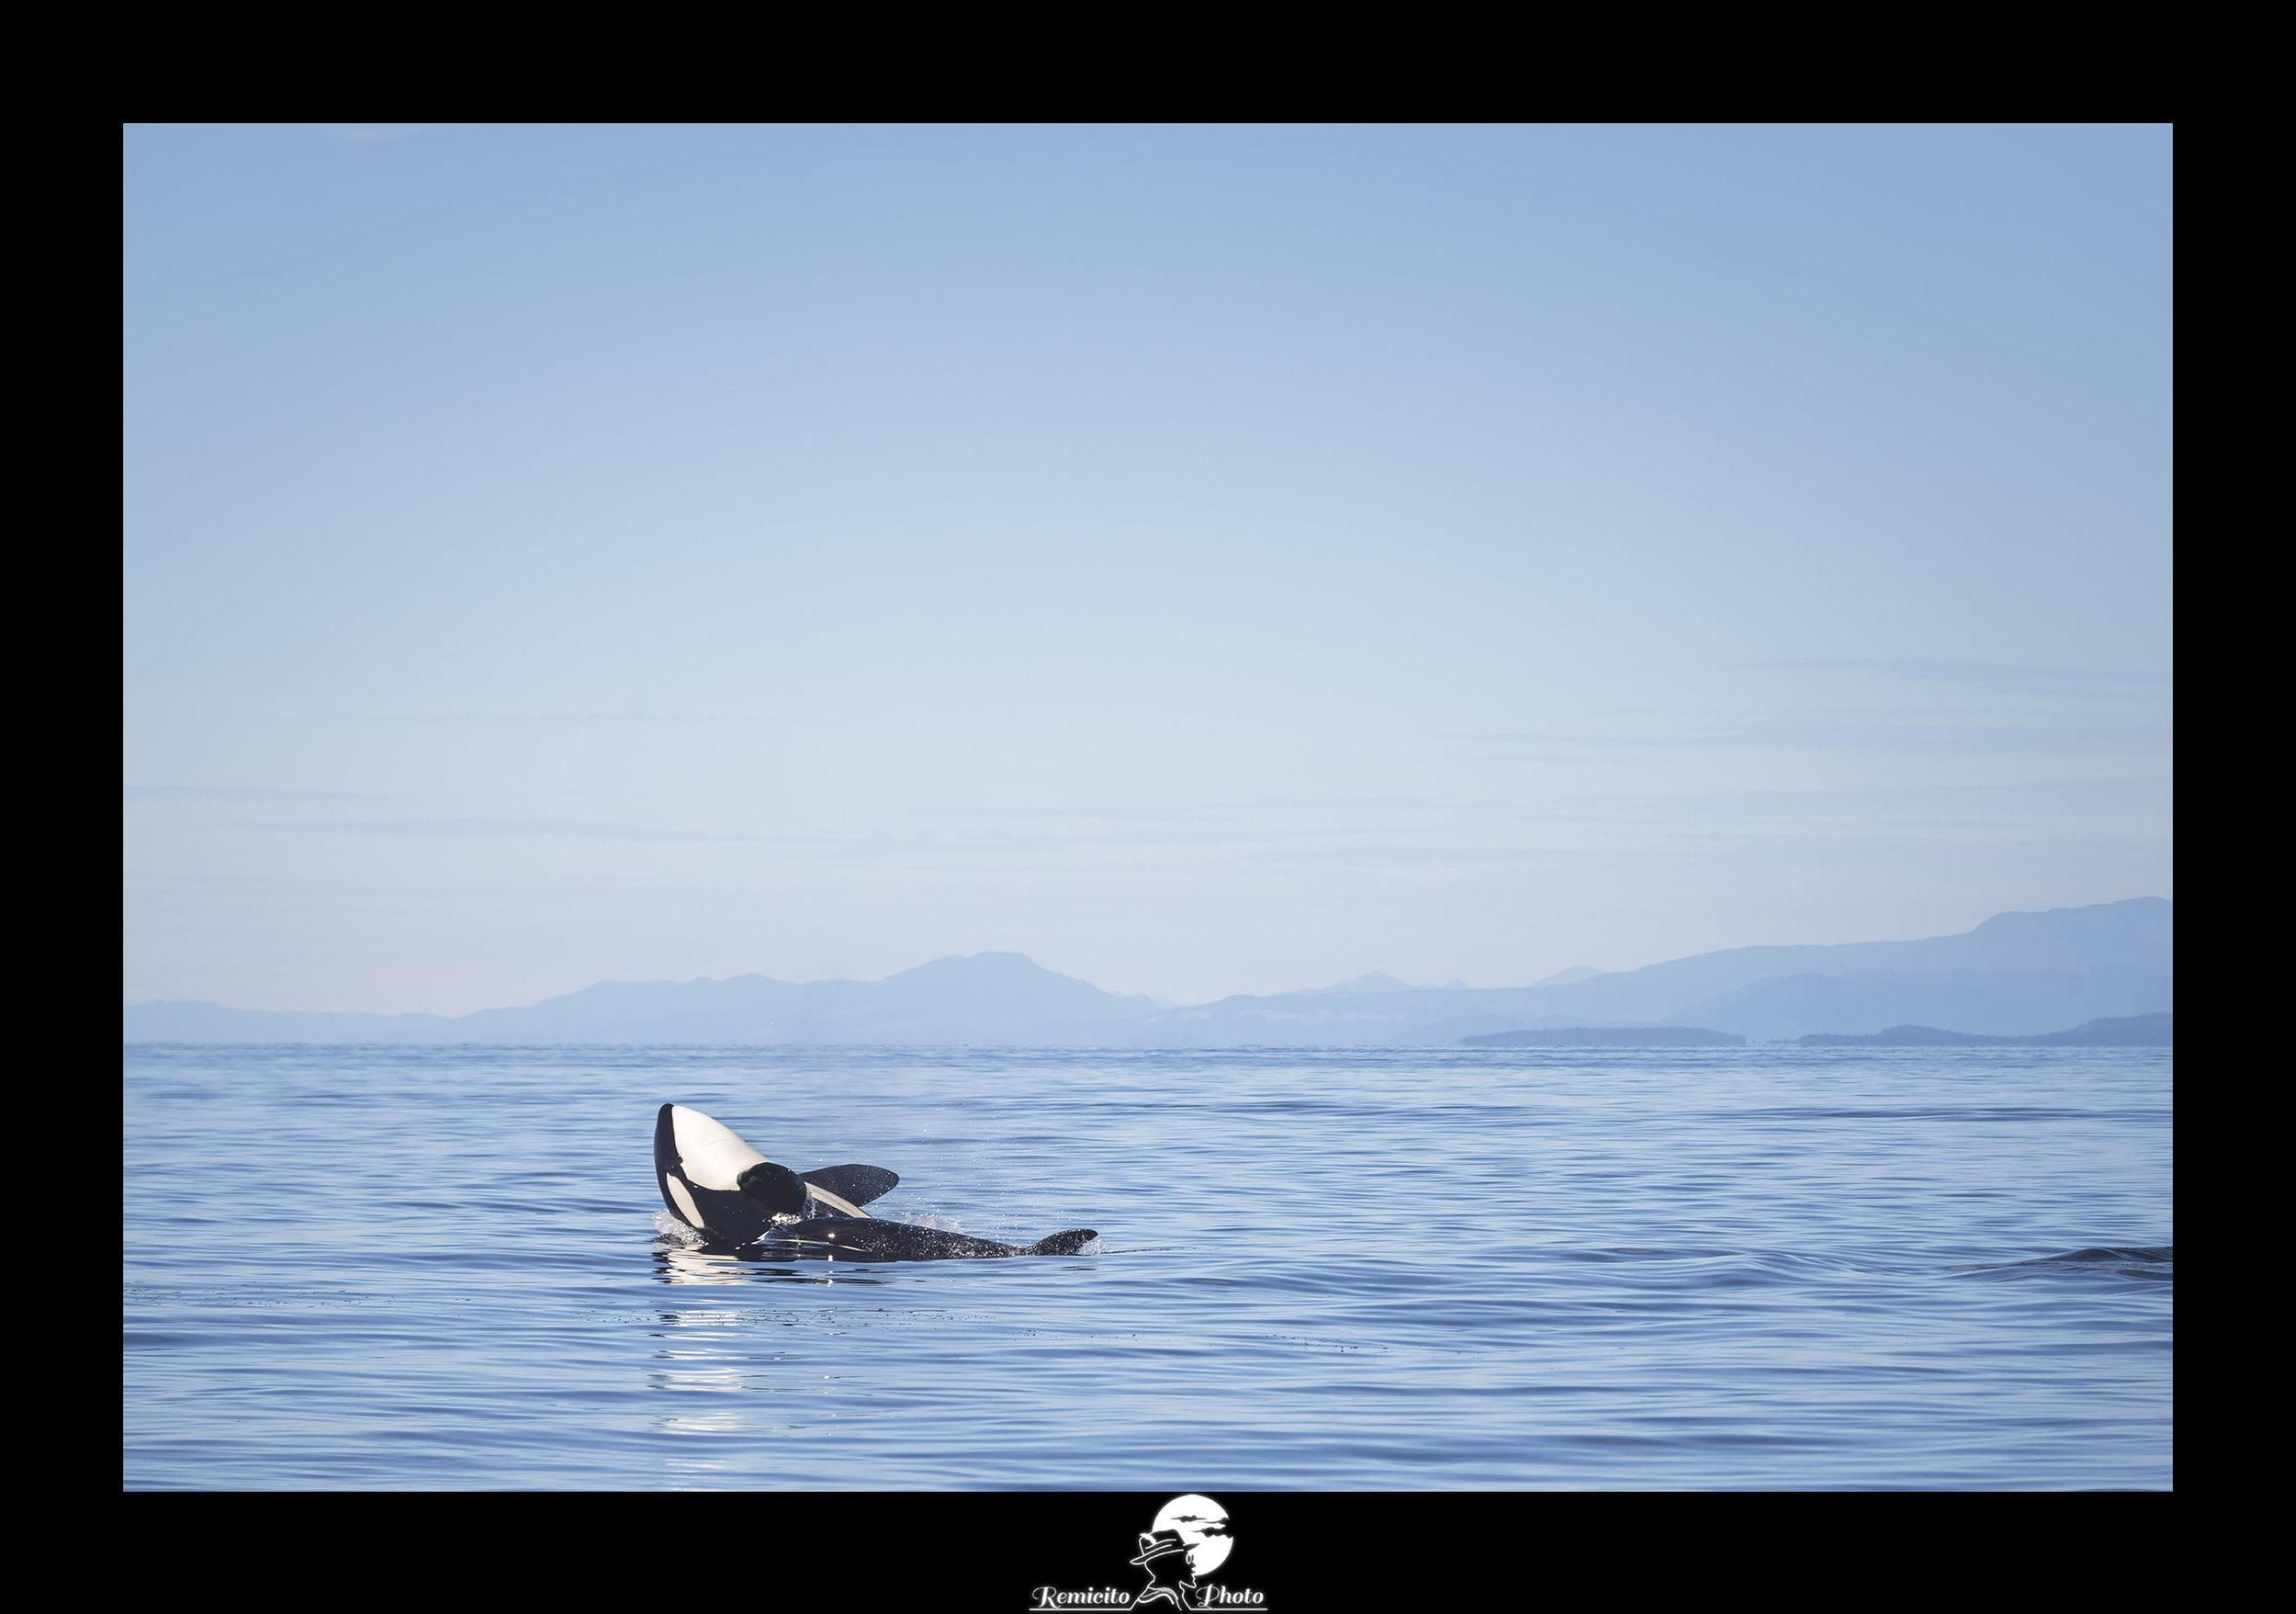 remicito photo, image du jour, photo du jour, photo of the day, voyage vancouver, orque canada, whale watching, landscape photography vancouver island, orques saut île de Vancouver, belle photo, idée cadeau, idée déco